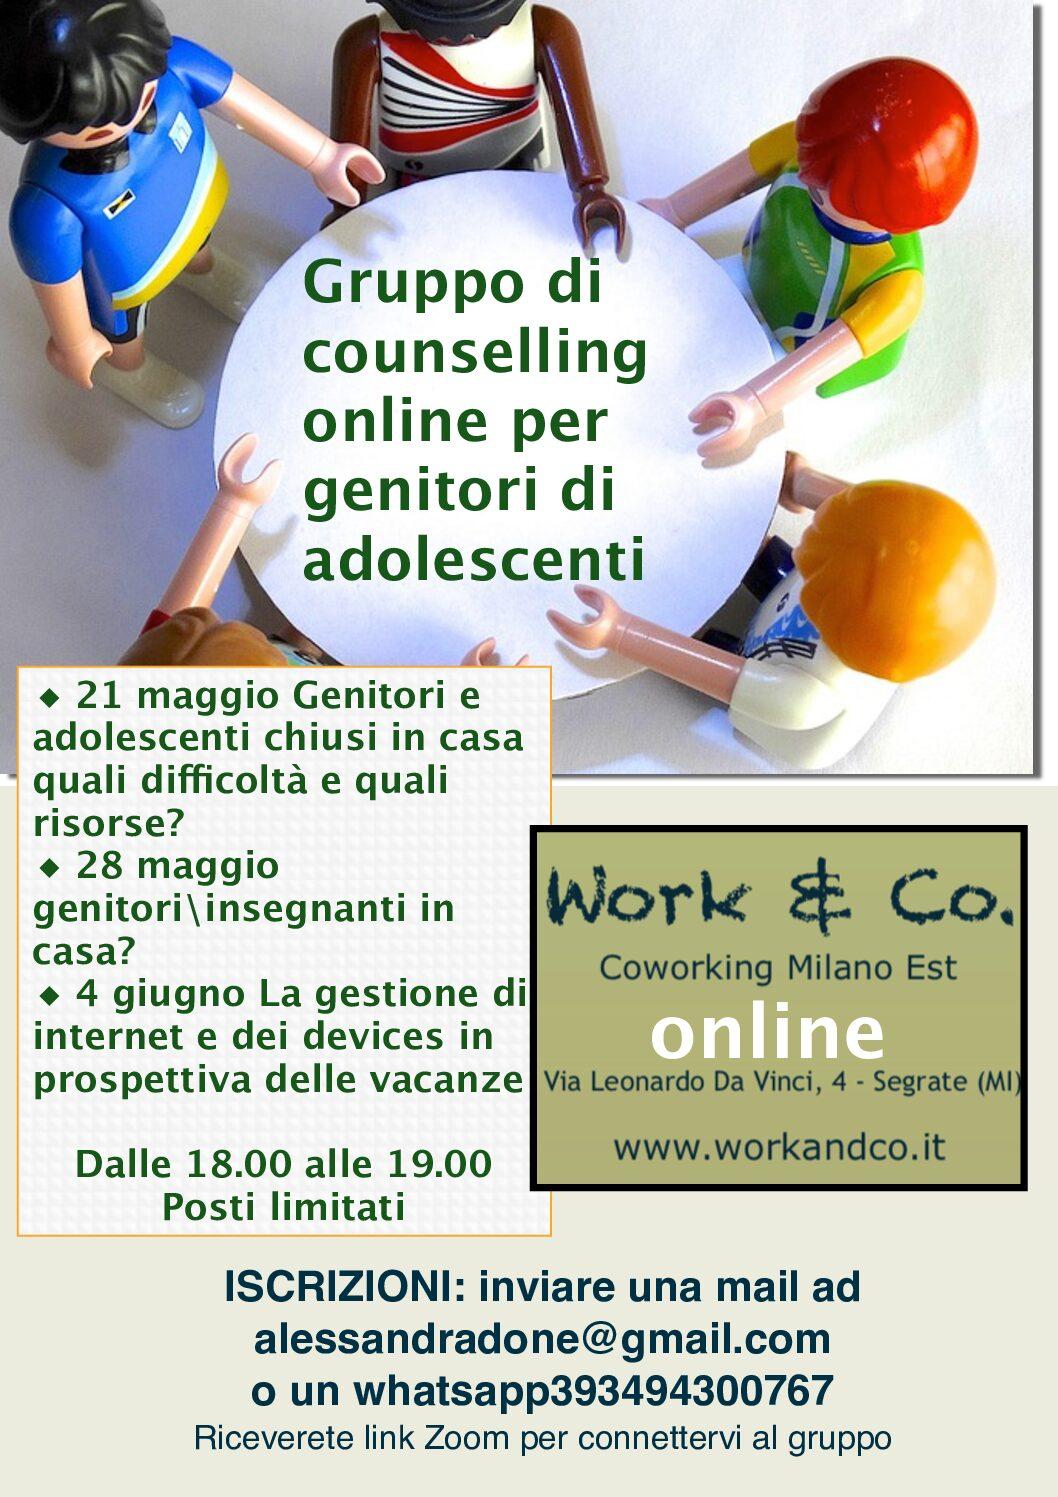 Counselling online per genitori di adolescenti